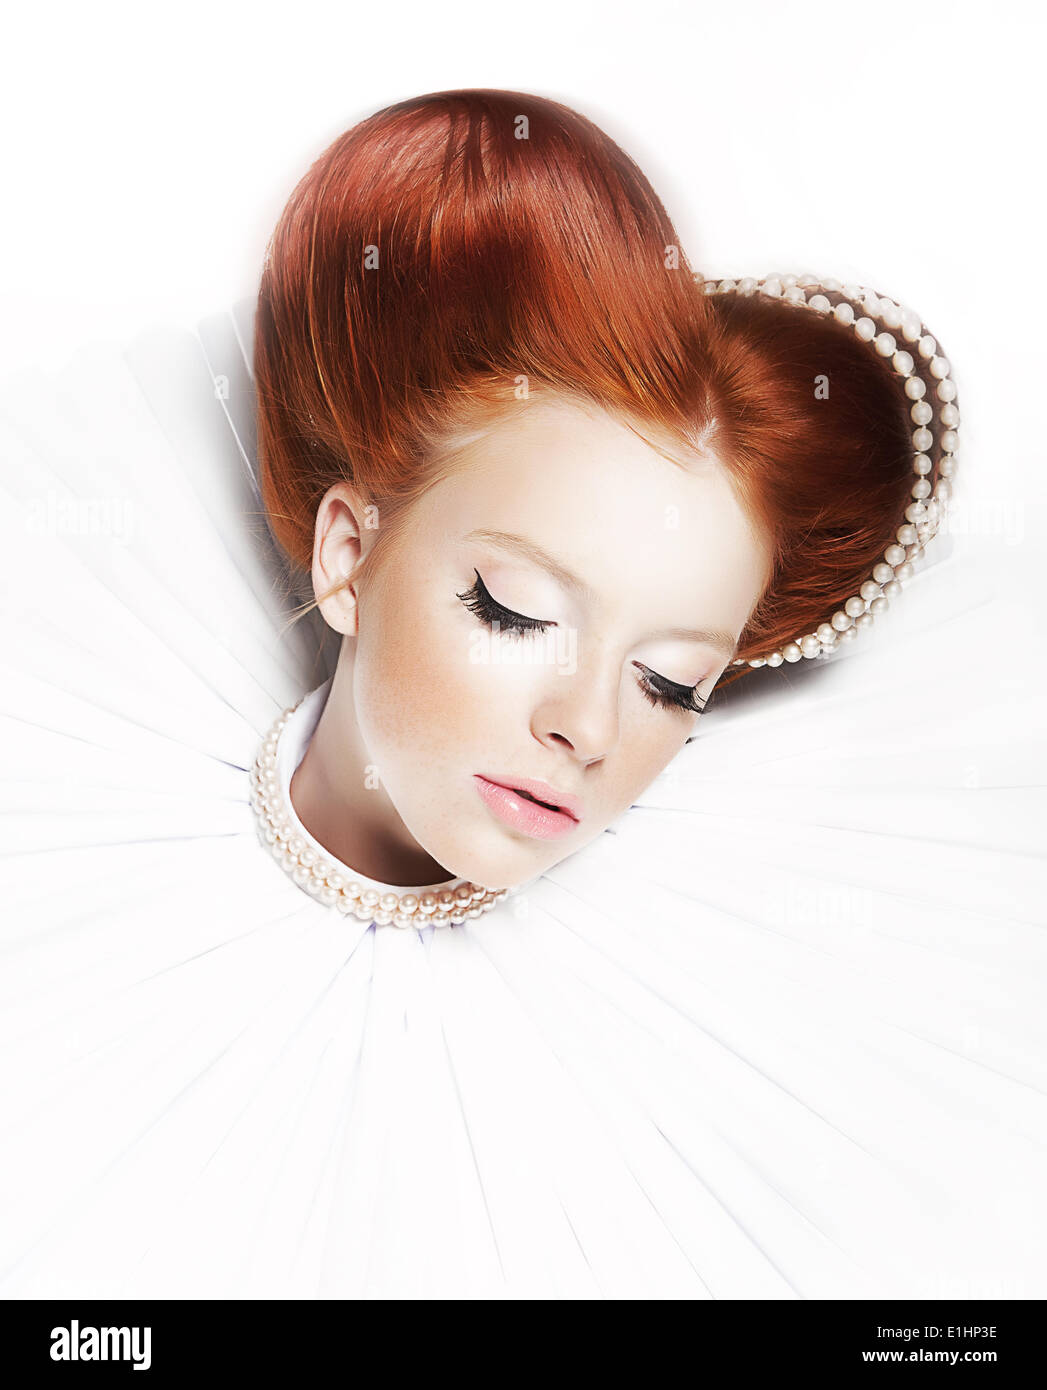 Renaissance-Stil - verträumte süße Frau - Rothaarige sommersprossige Mädchen mit Perlmutt Halskette und theatralisch dramatische Make-up. Serie von Fotos Stockbild